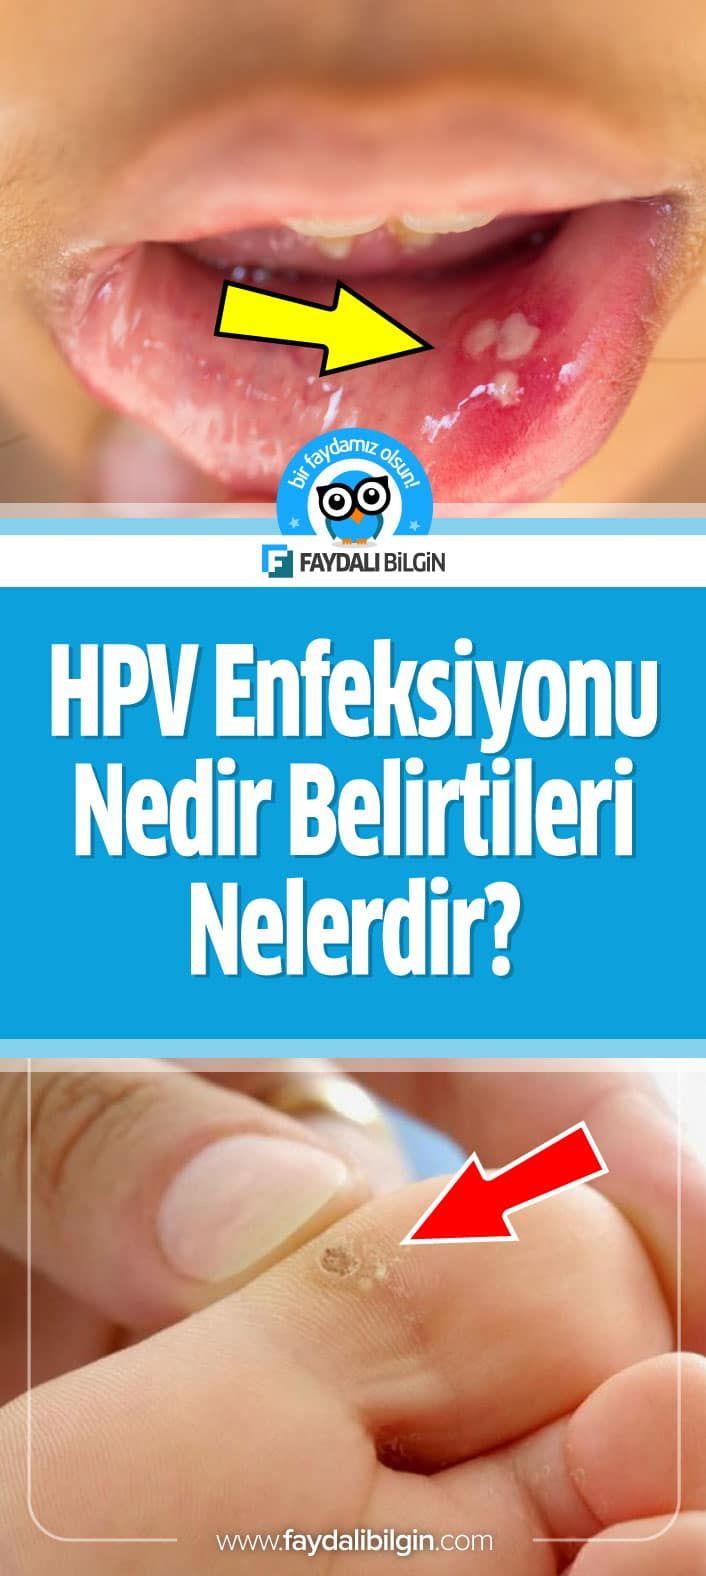 Herpesul - Zoster (Zona Zoster) Papilloma virusu tedavisi